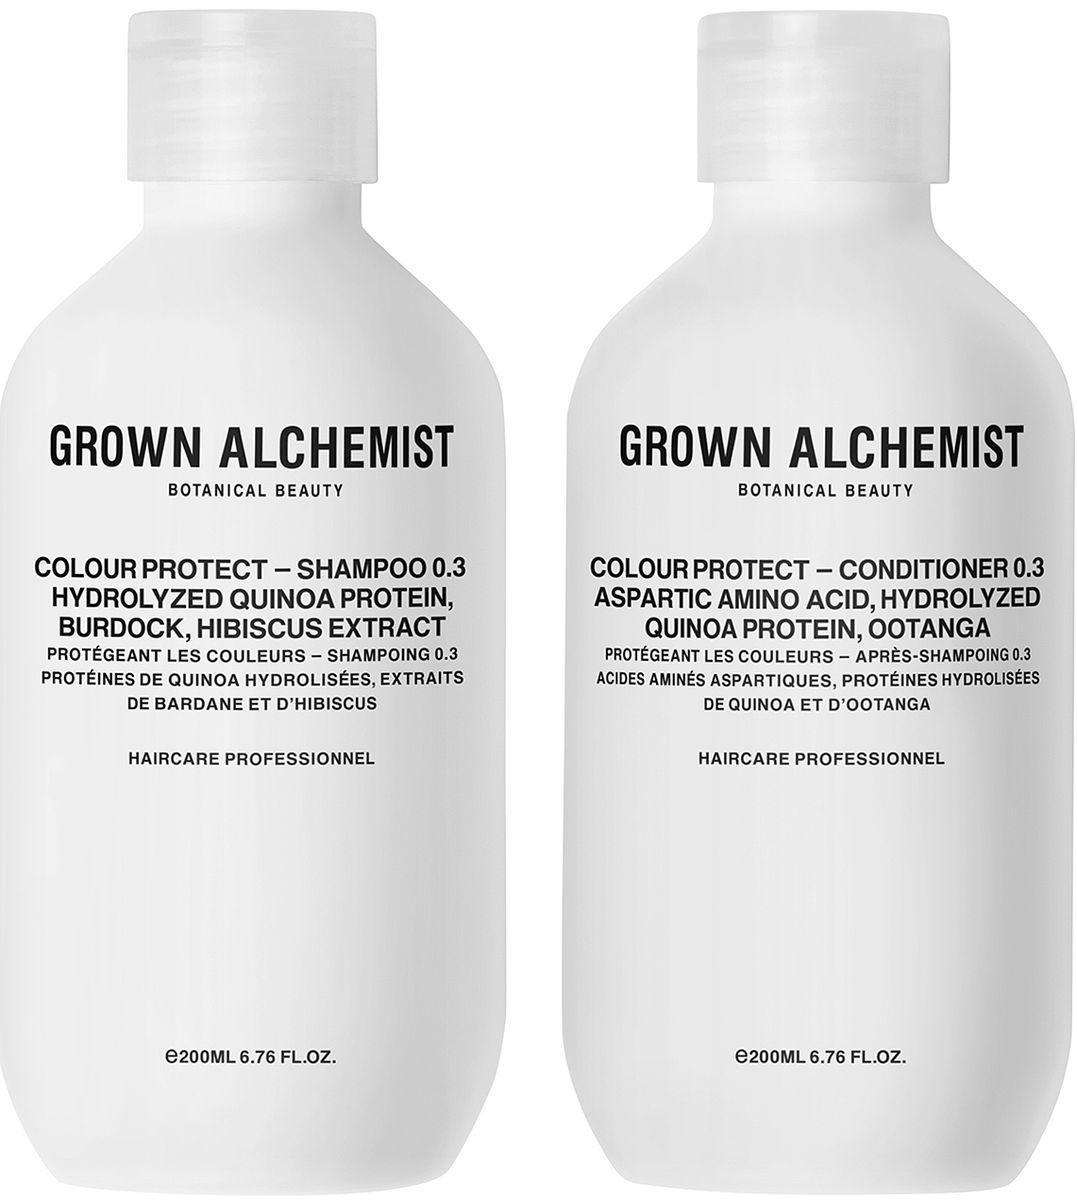 Grown Alchemist Набор для окрашенных волос: кондиционер, шампунь, 2 х 200 млGRA0175Набор для окрашенных волос: кондиционер для окрашенных волос 200 мл, шампунь для окрашенных волос 200 мл